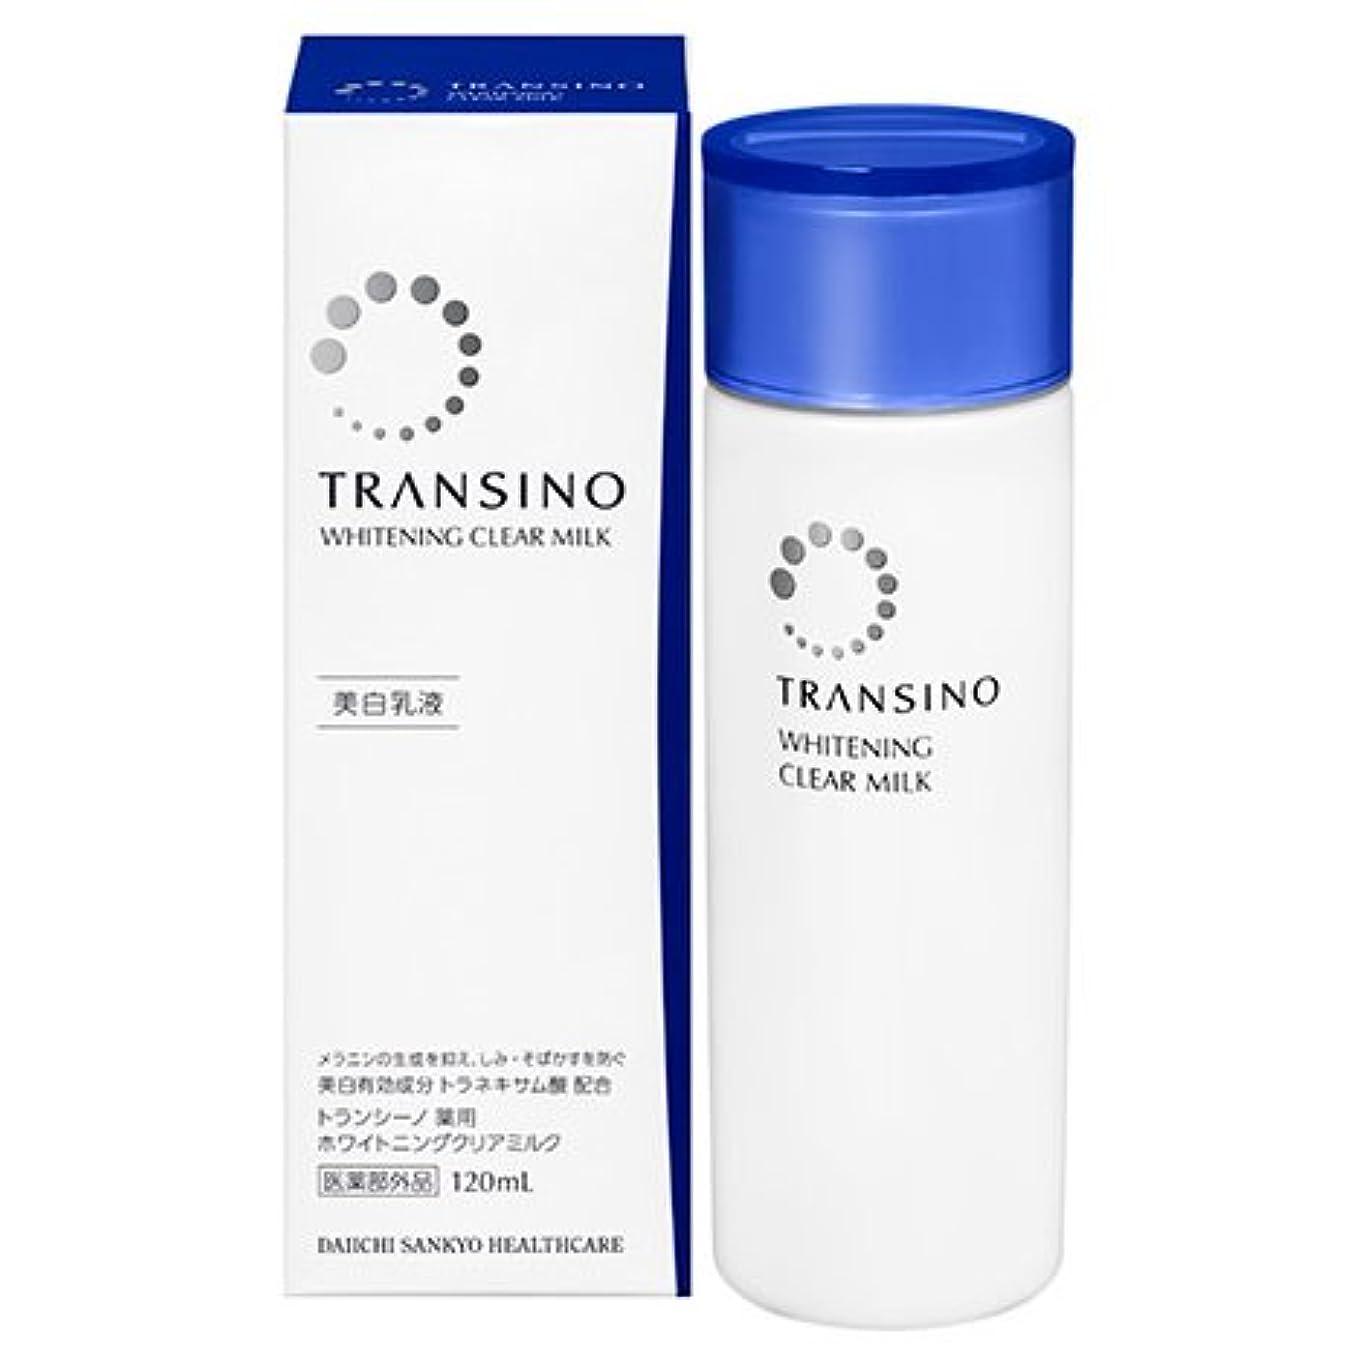 安心させる達成可能脱臼するトランシーノ 薬用ホワイトニングクリアミルク 120ml [並行輸入品]